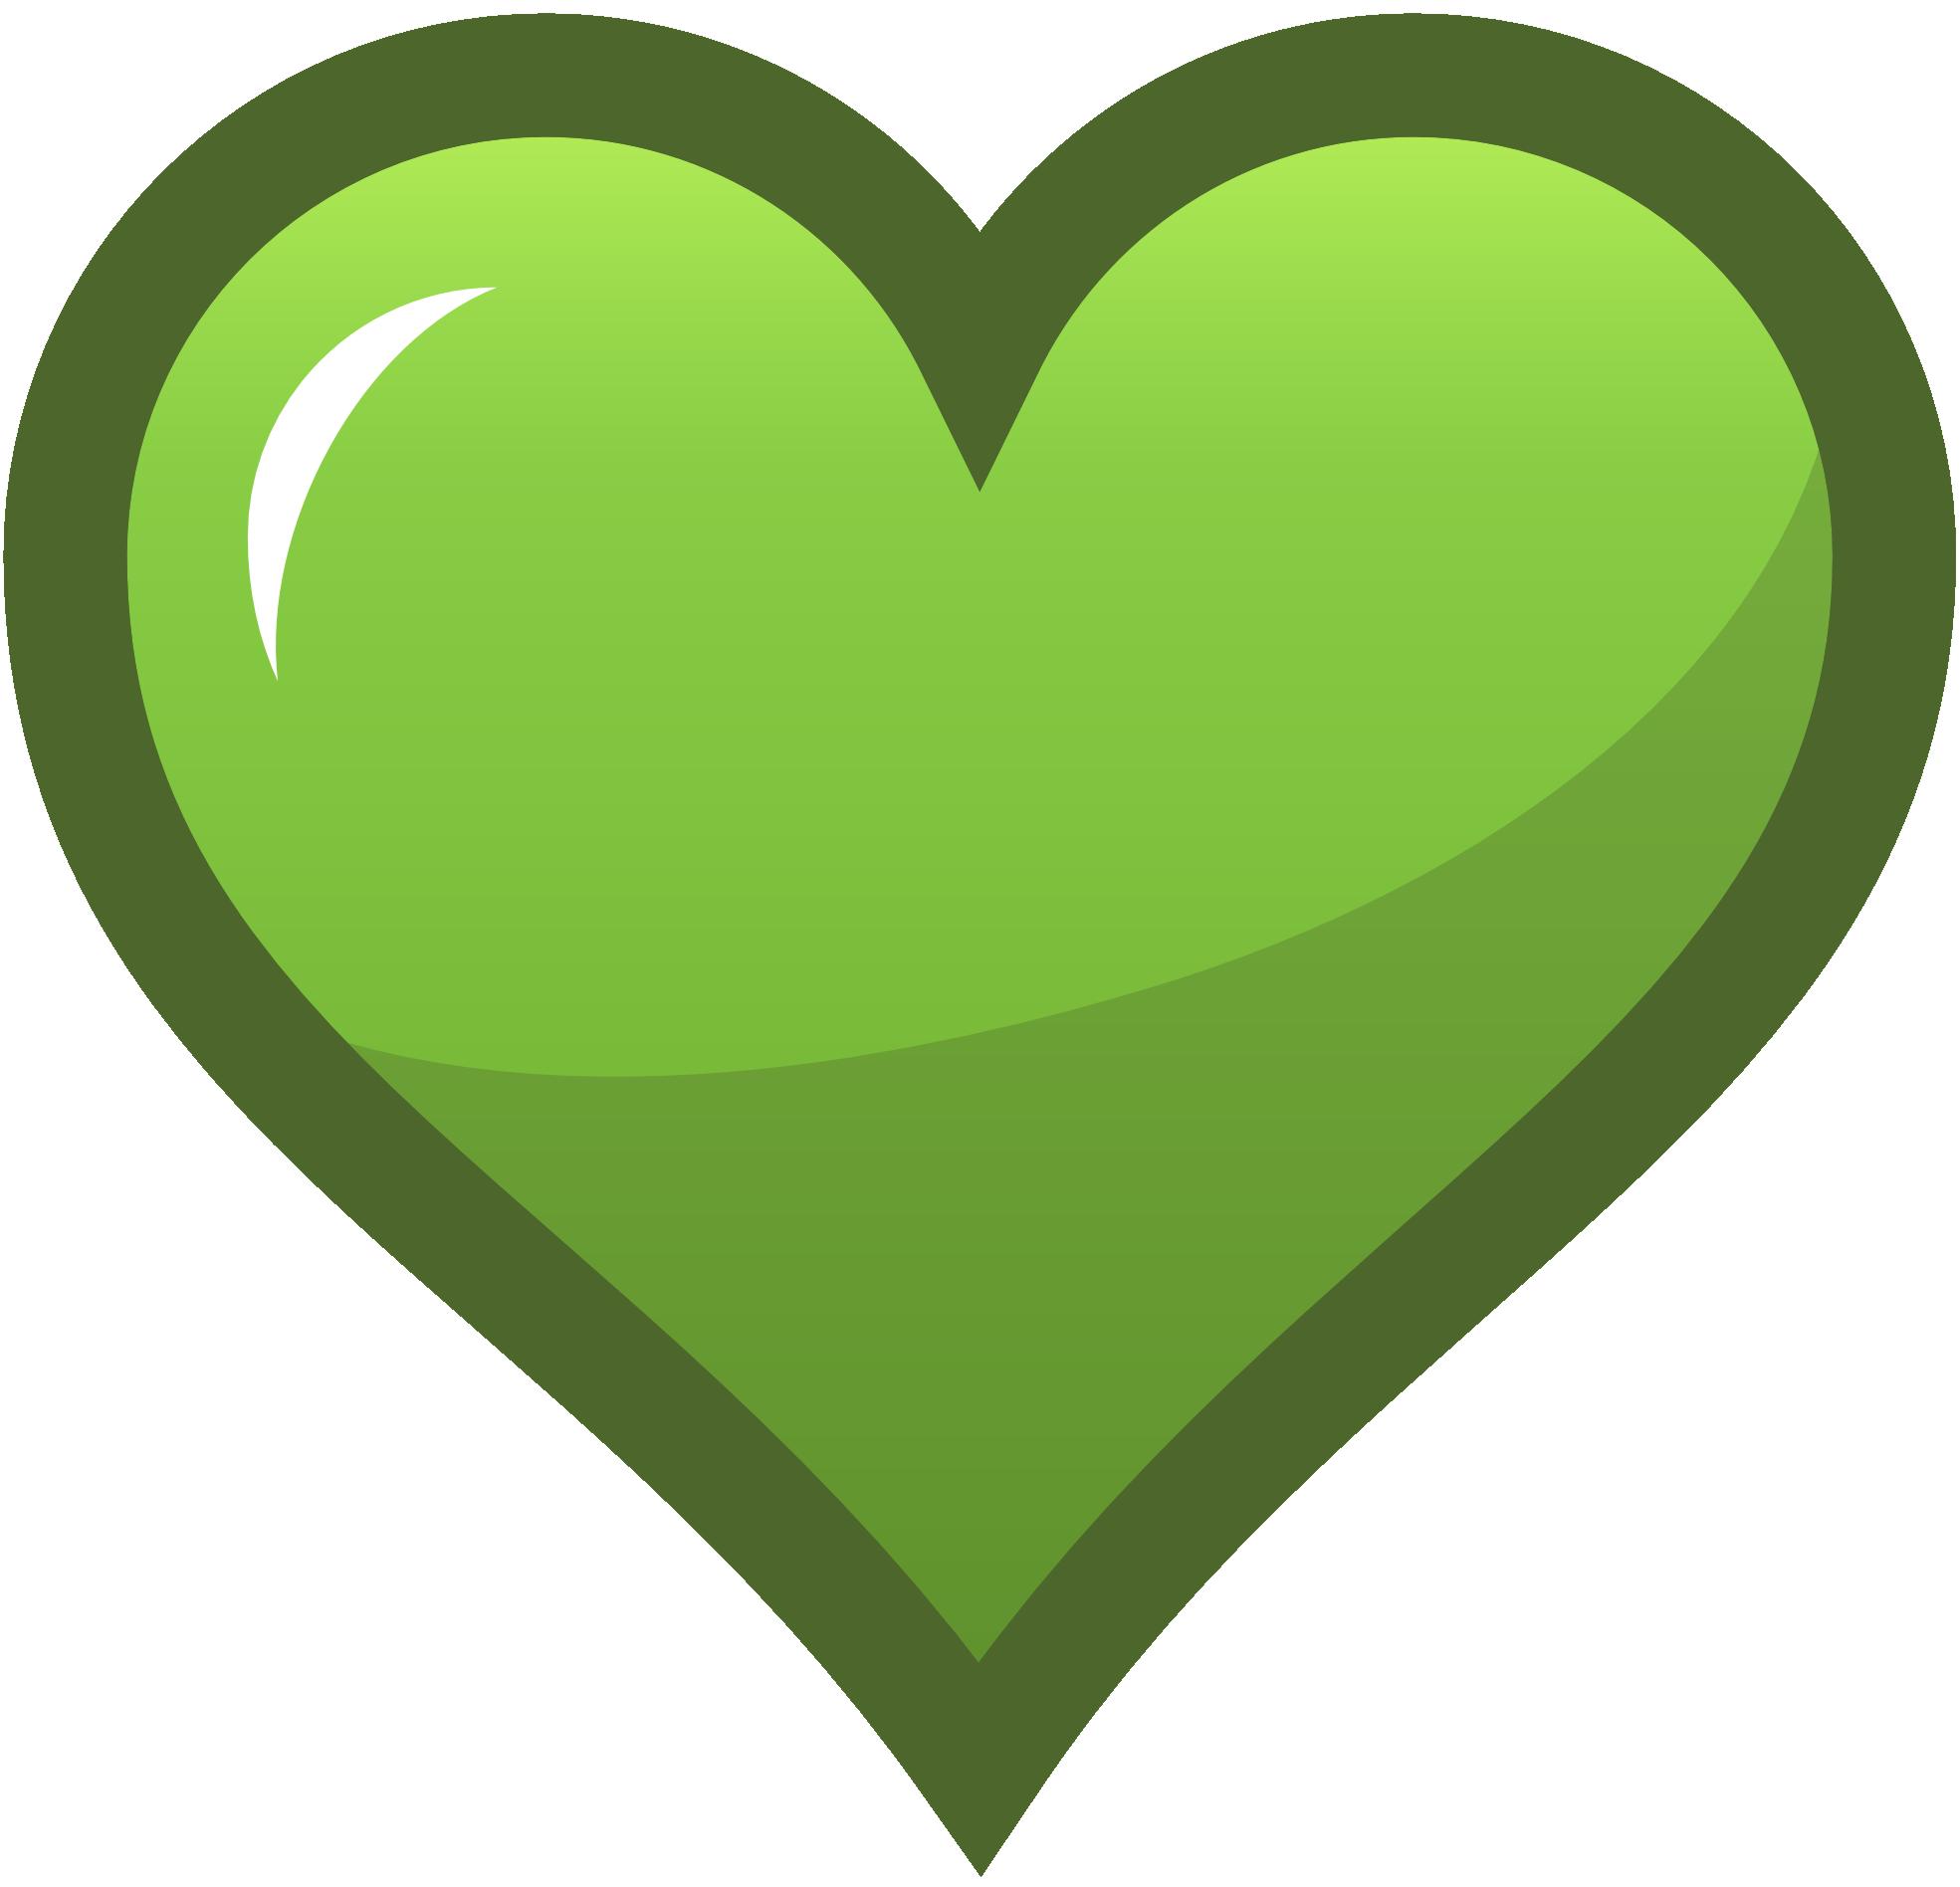 Green Heart Clip Art Heart Icons Clip Art Heart Clip Art